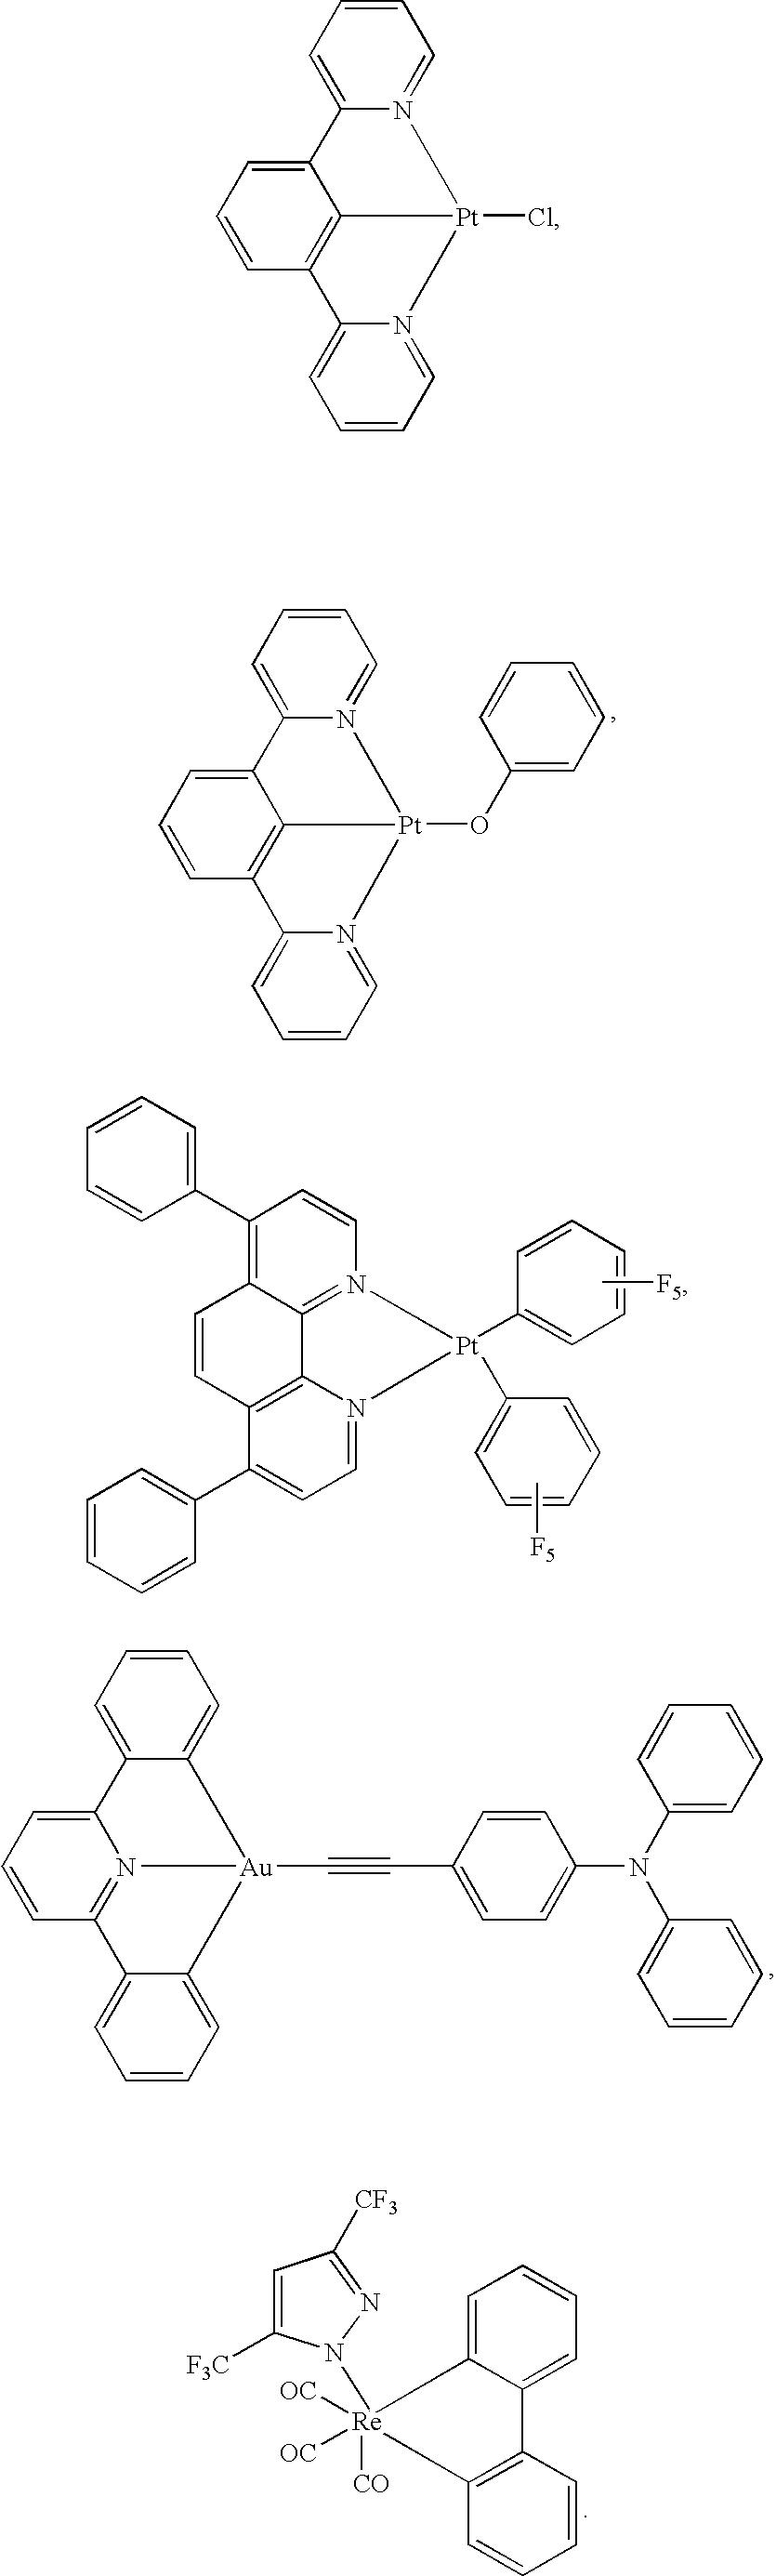 Figure US20100072887A1-20100325-C00222